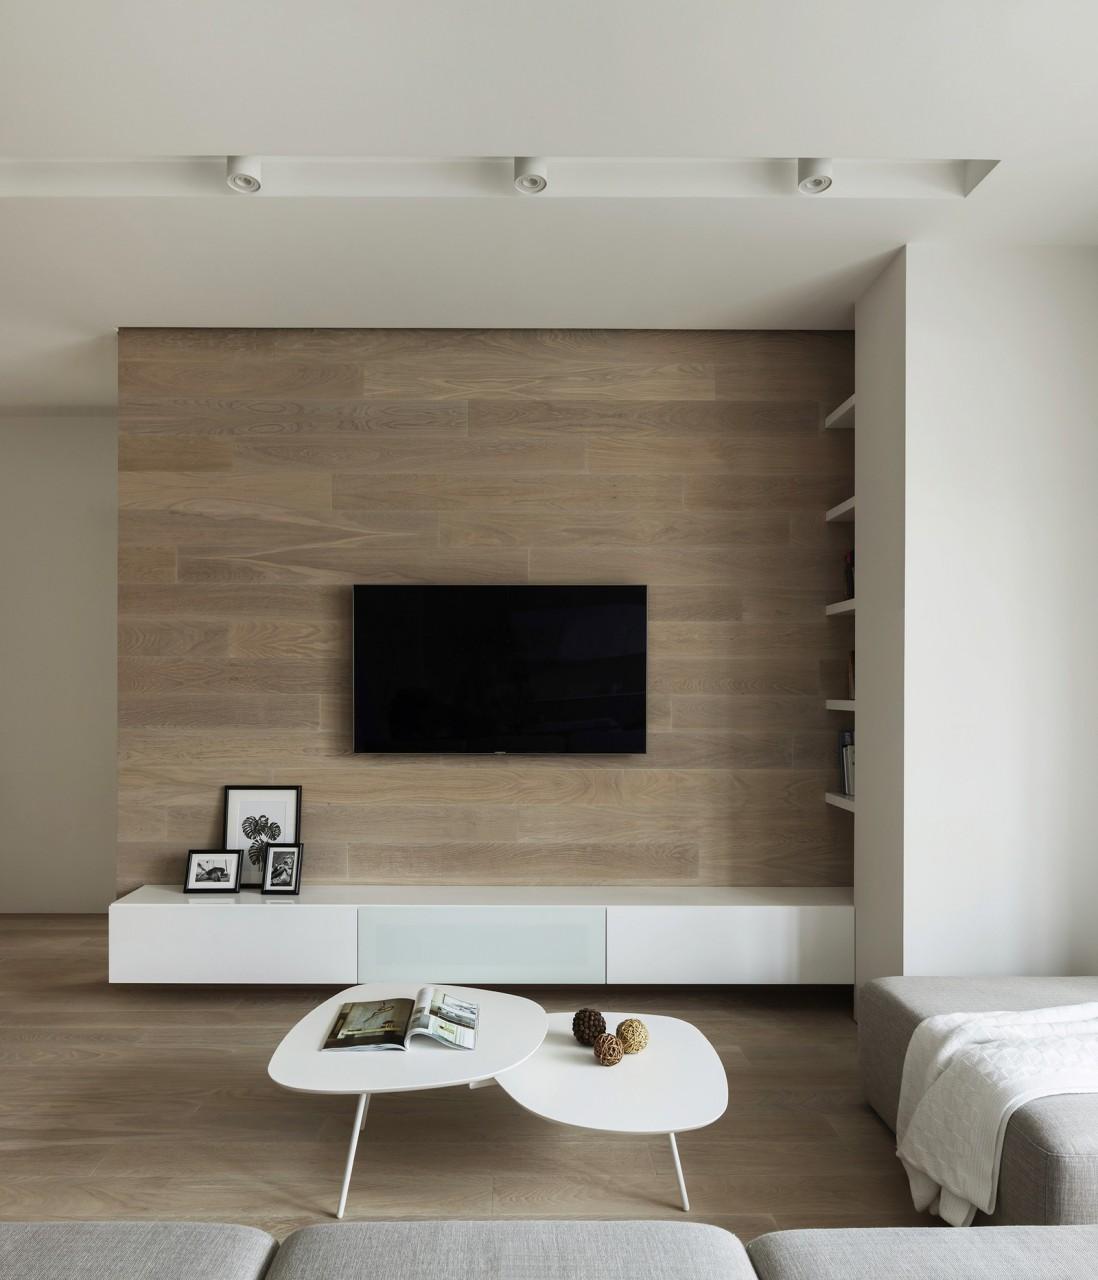 Интерьер московской квартиры площадью 100 квадратных метров в Москве